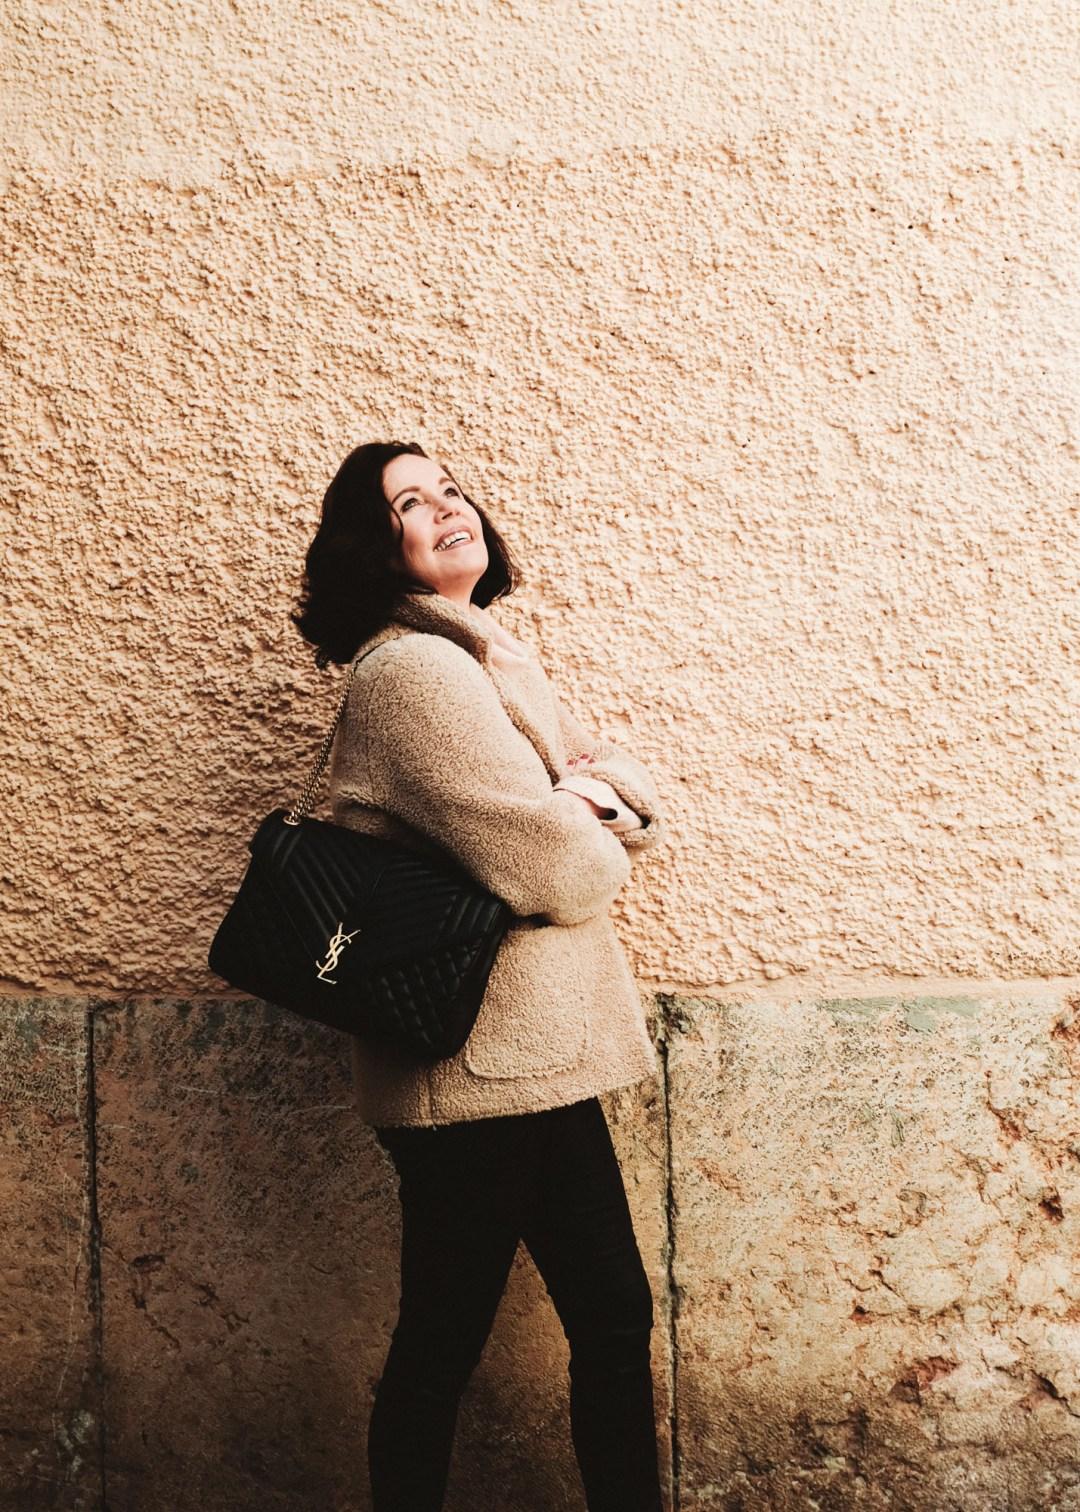 ina stil inastil Herbstoutfit Modeblog Stilberatung Blogwalk Ü50style Herbstmode YSL Tasche Hallein Outfit Streetstyle ageless Herbsttrend Casual Handtasche StylingtippsDSCF1482